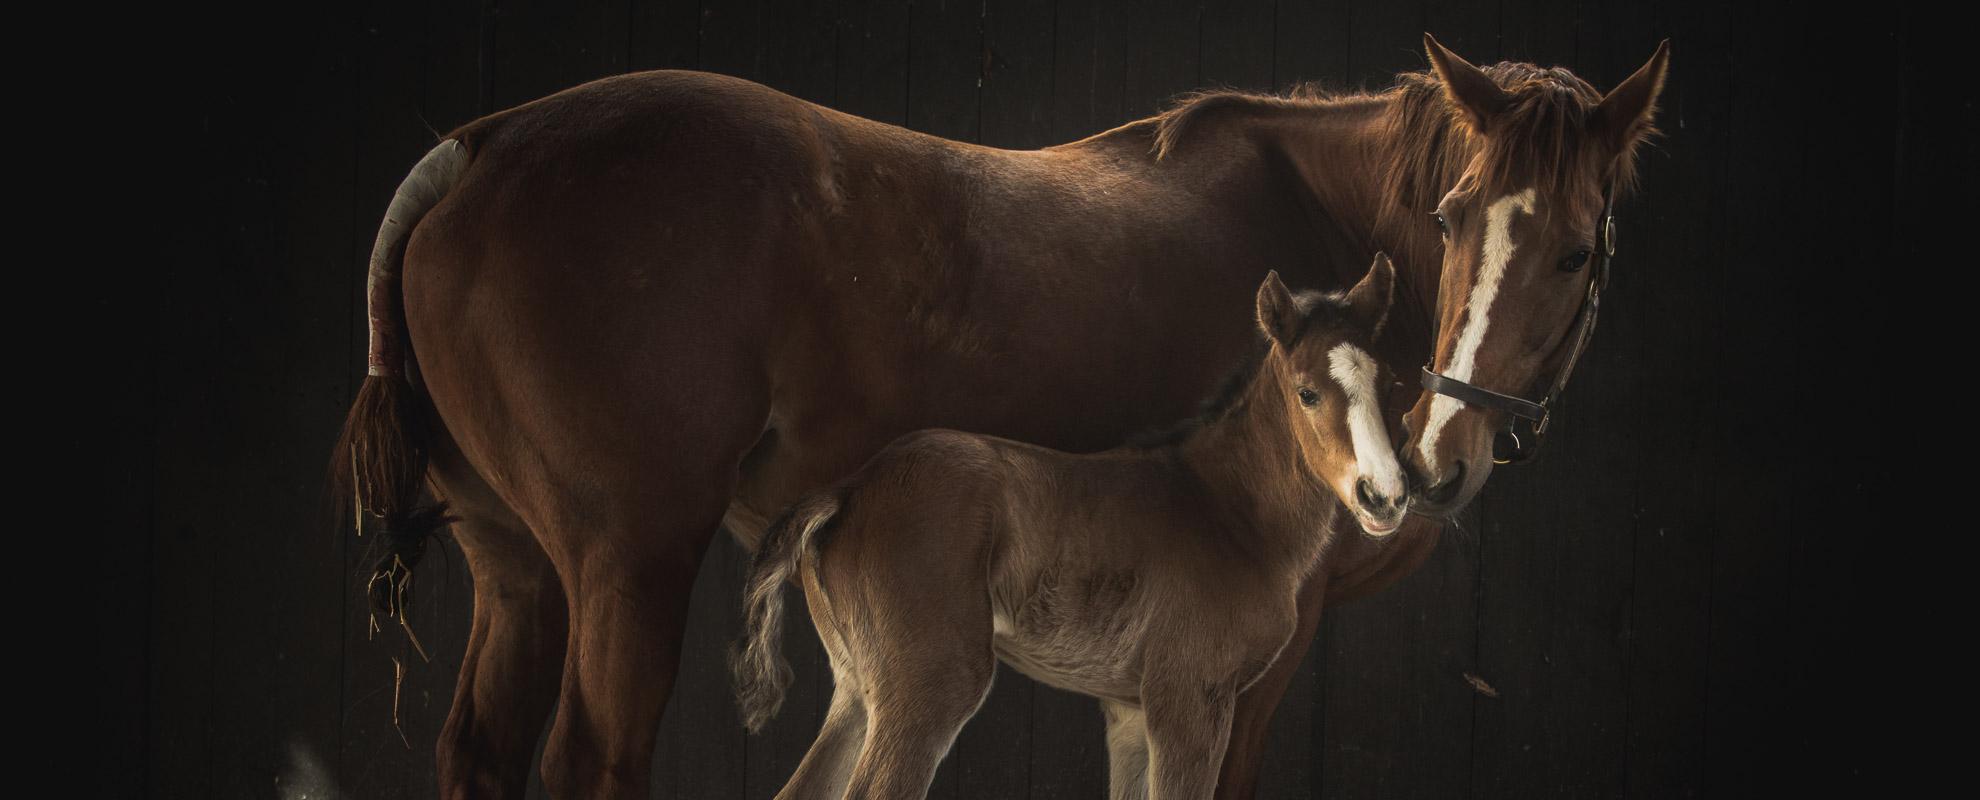 horses_mares_main_002